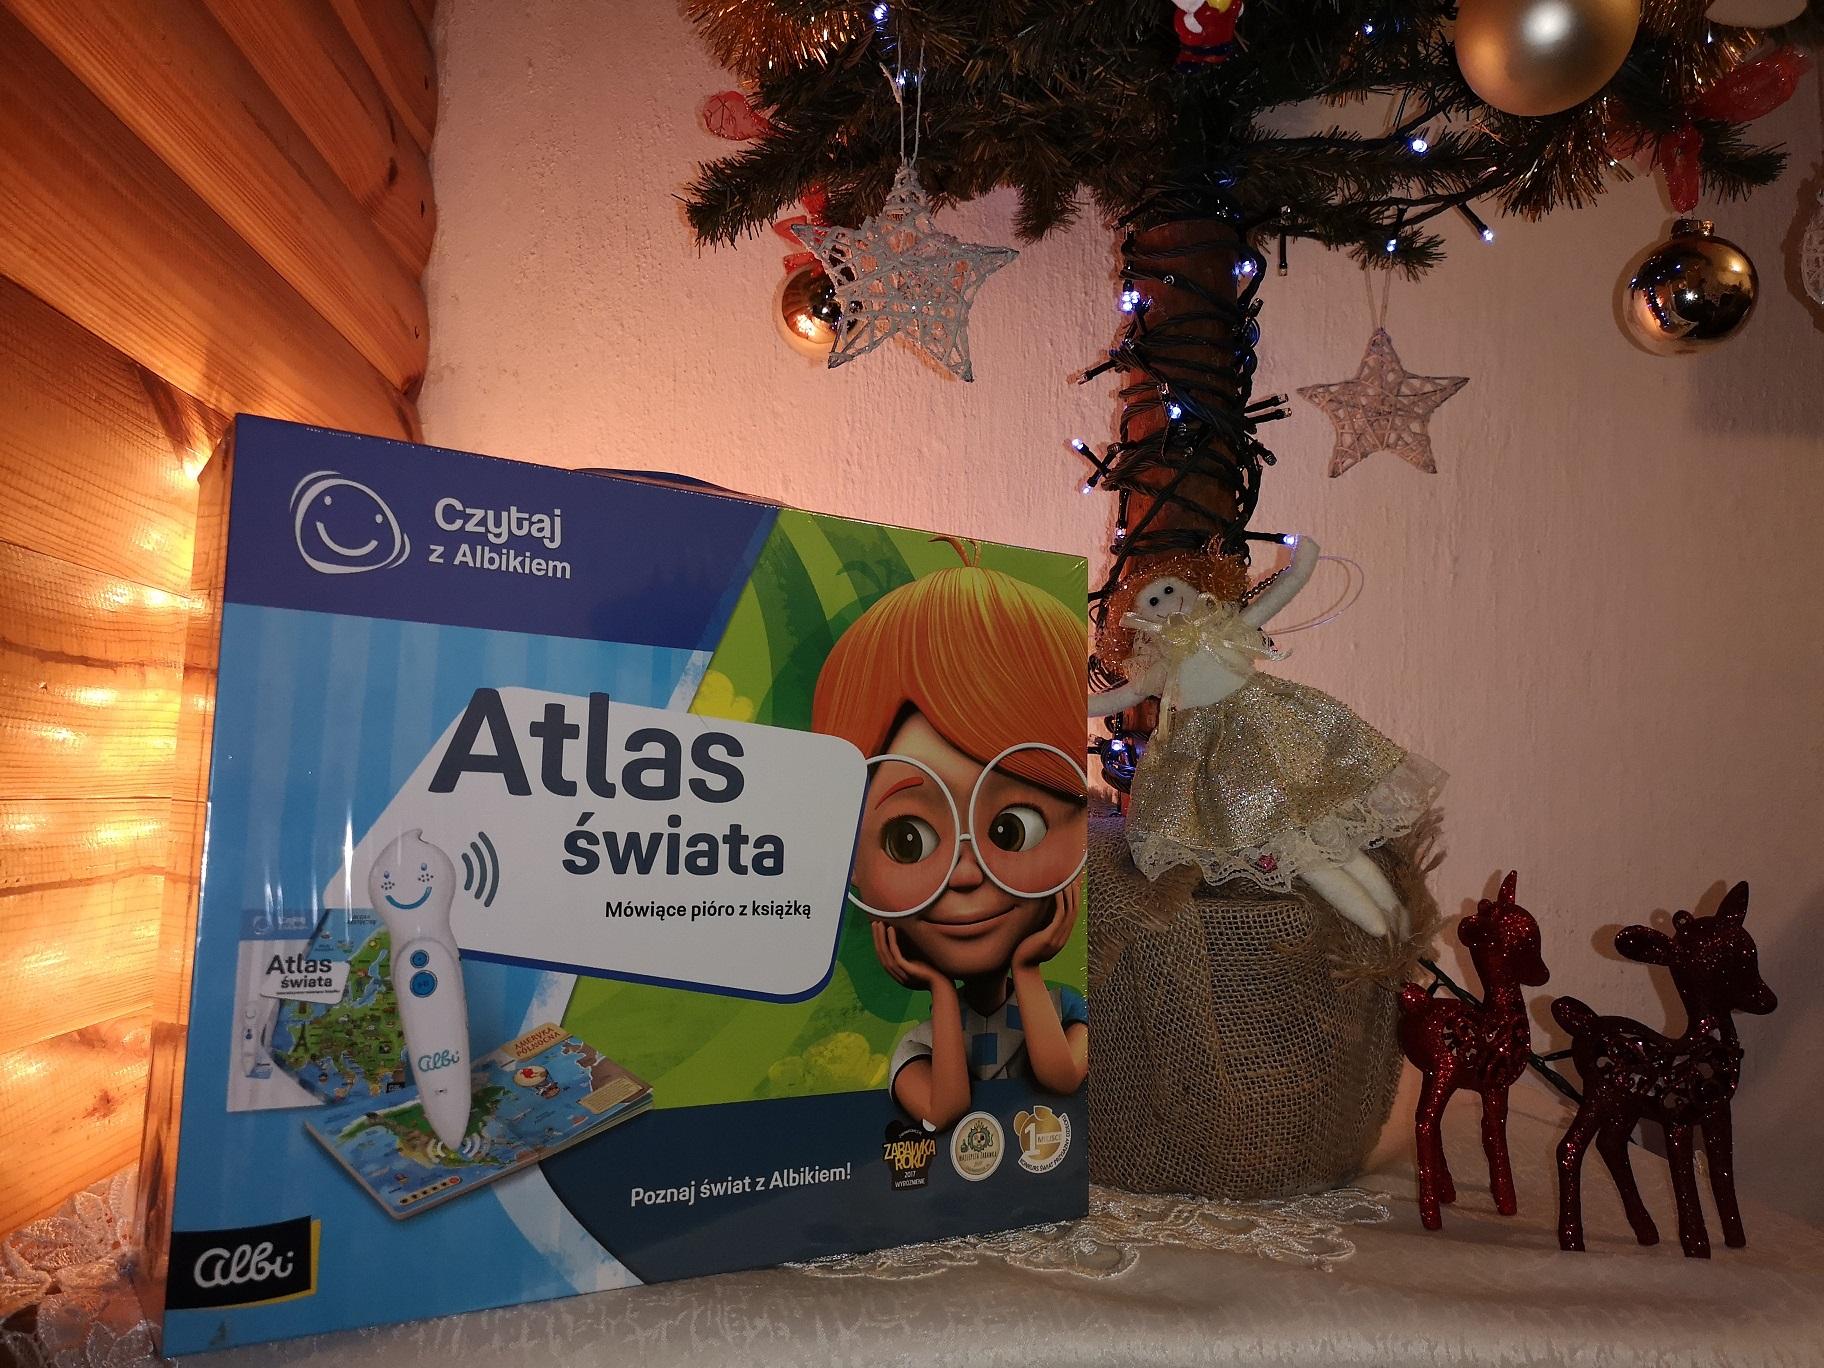 atlas śwoata dla dzieci